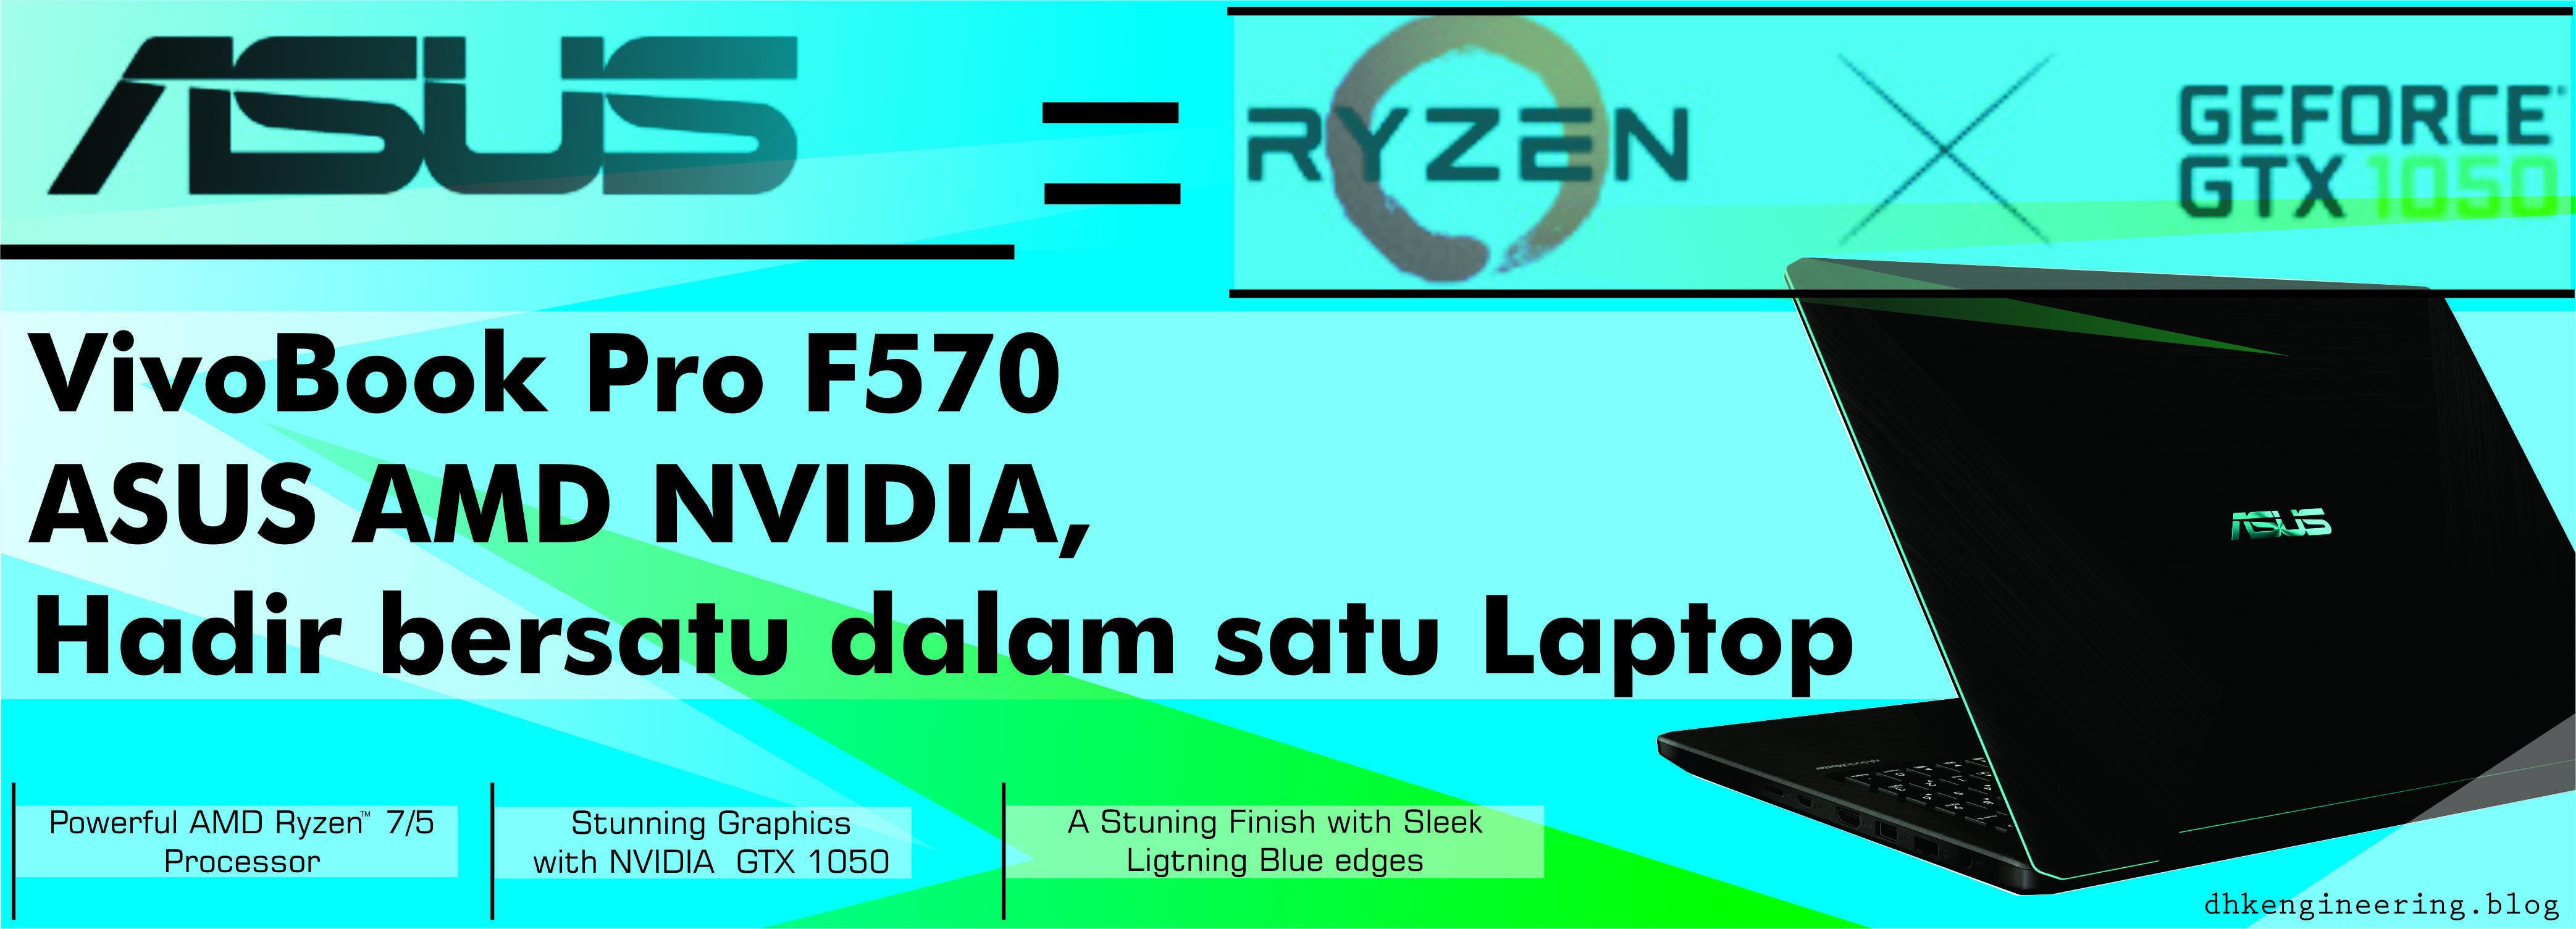 Handal, VivoBook Pro F570 ASUS AMD NVIDIA, Bersatu Dalam Datu Laptop